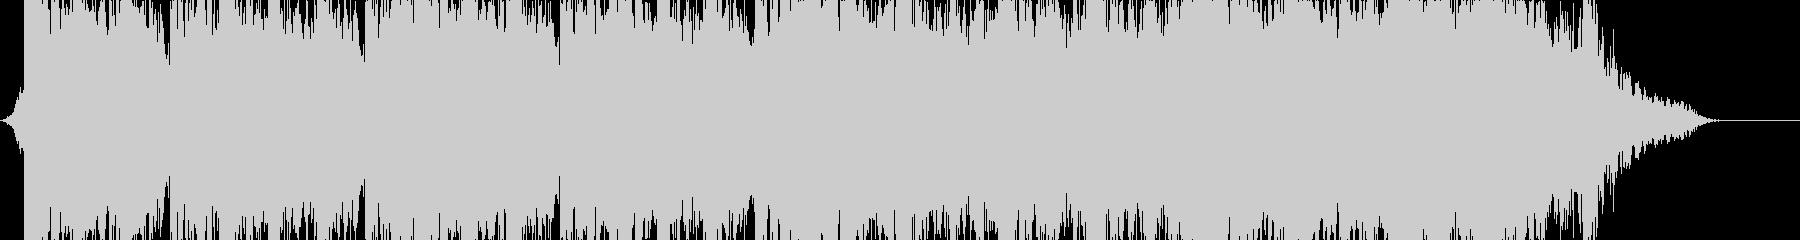 重低音が目立つシネマティックの未再生の波形